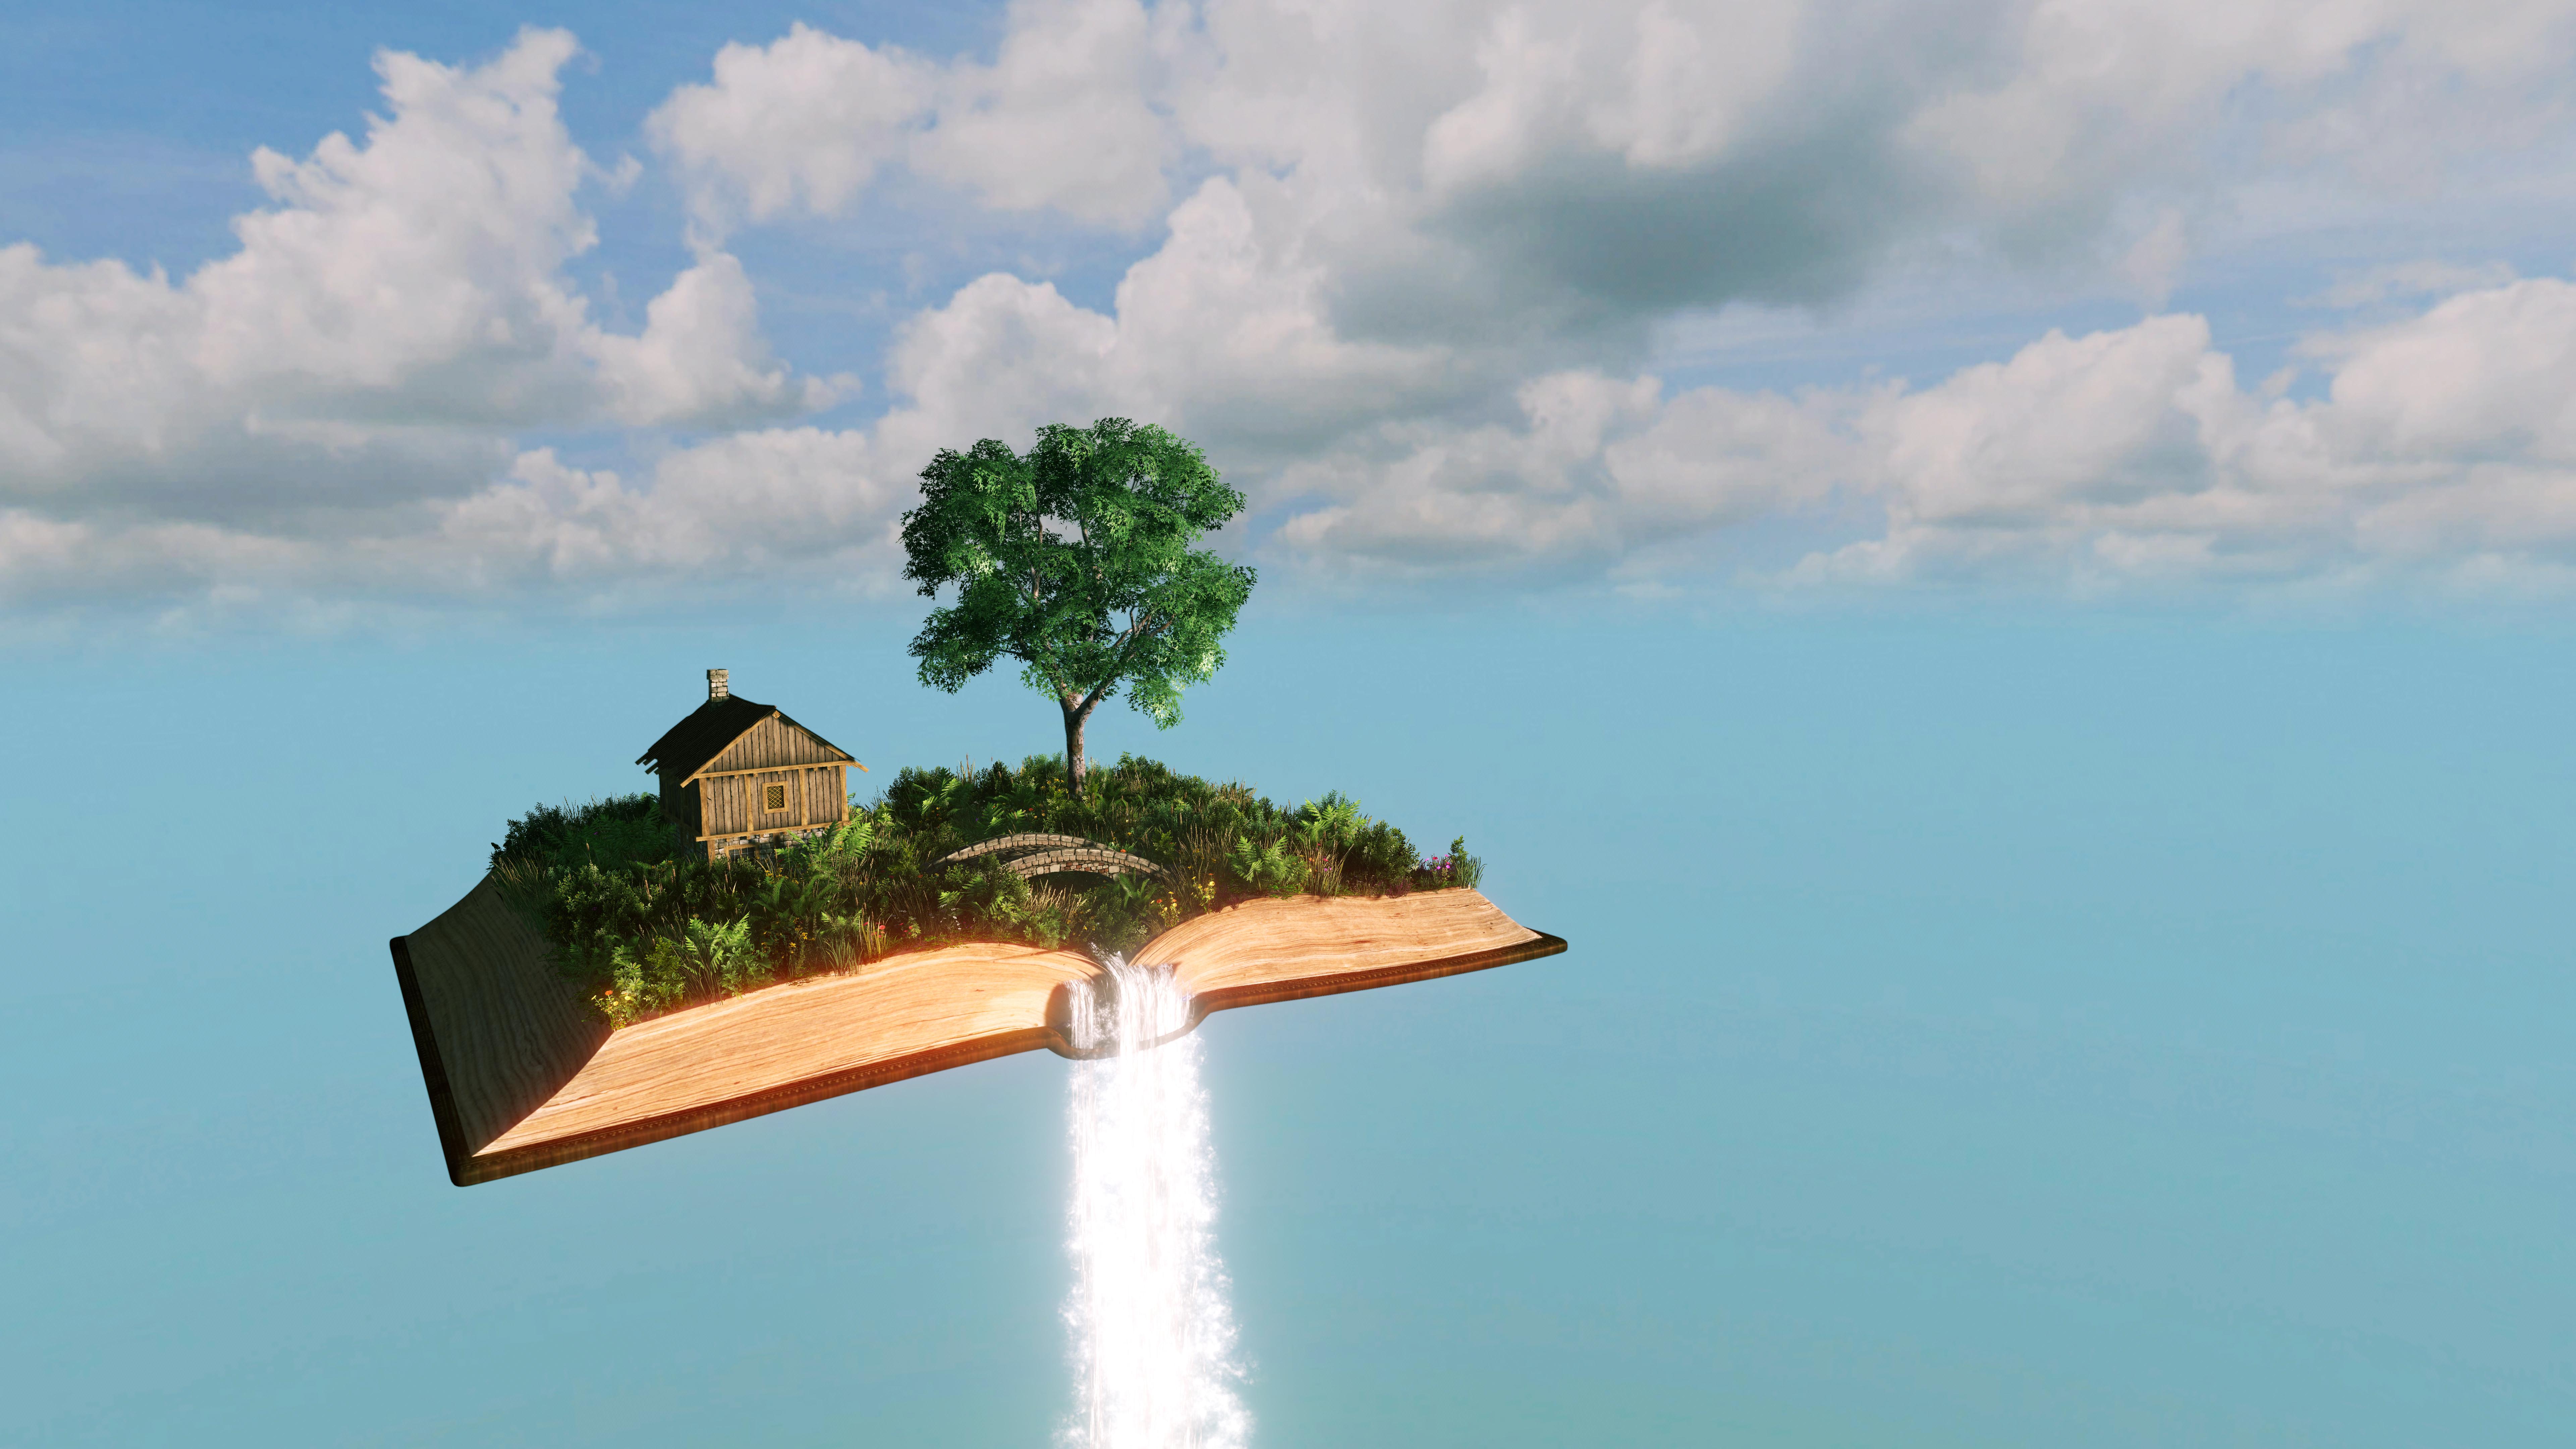 """""""Experiência de arvorecer"""" é um livro-floresta em formato ebook que compartilha diferentes experiências de conexão com a Terra a partir de saberes originários, artísticos e científicos"""